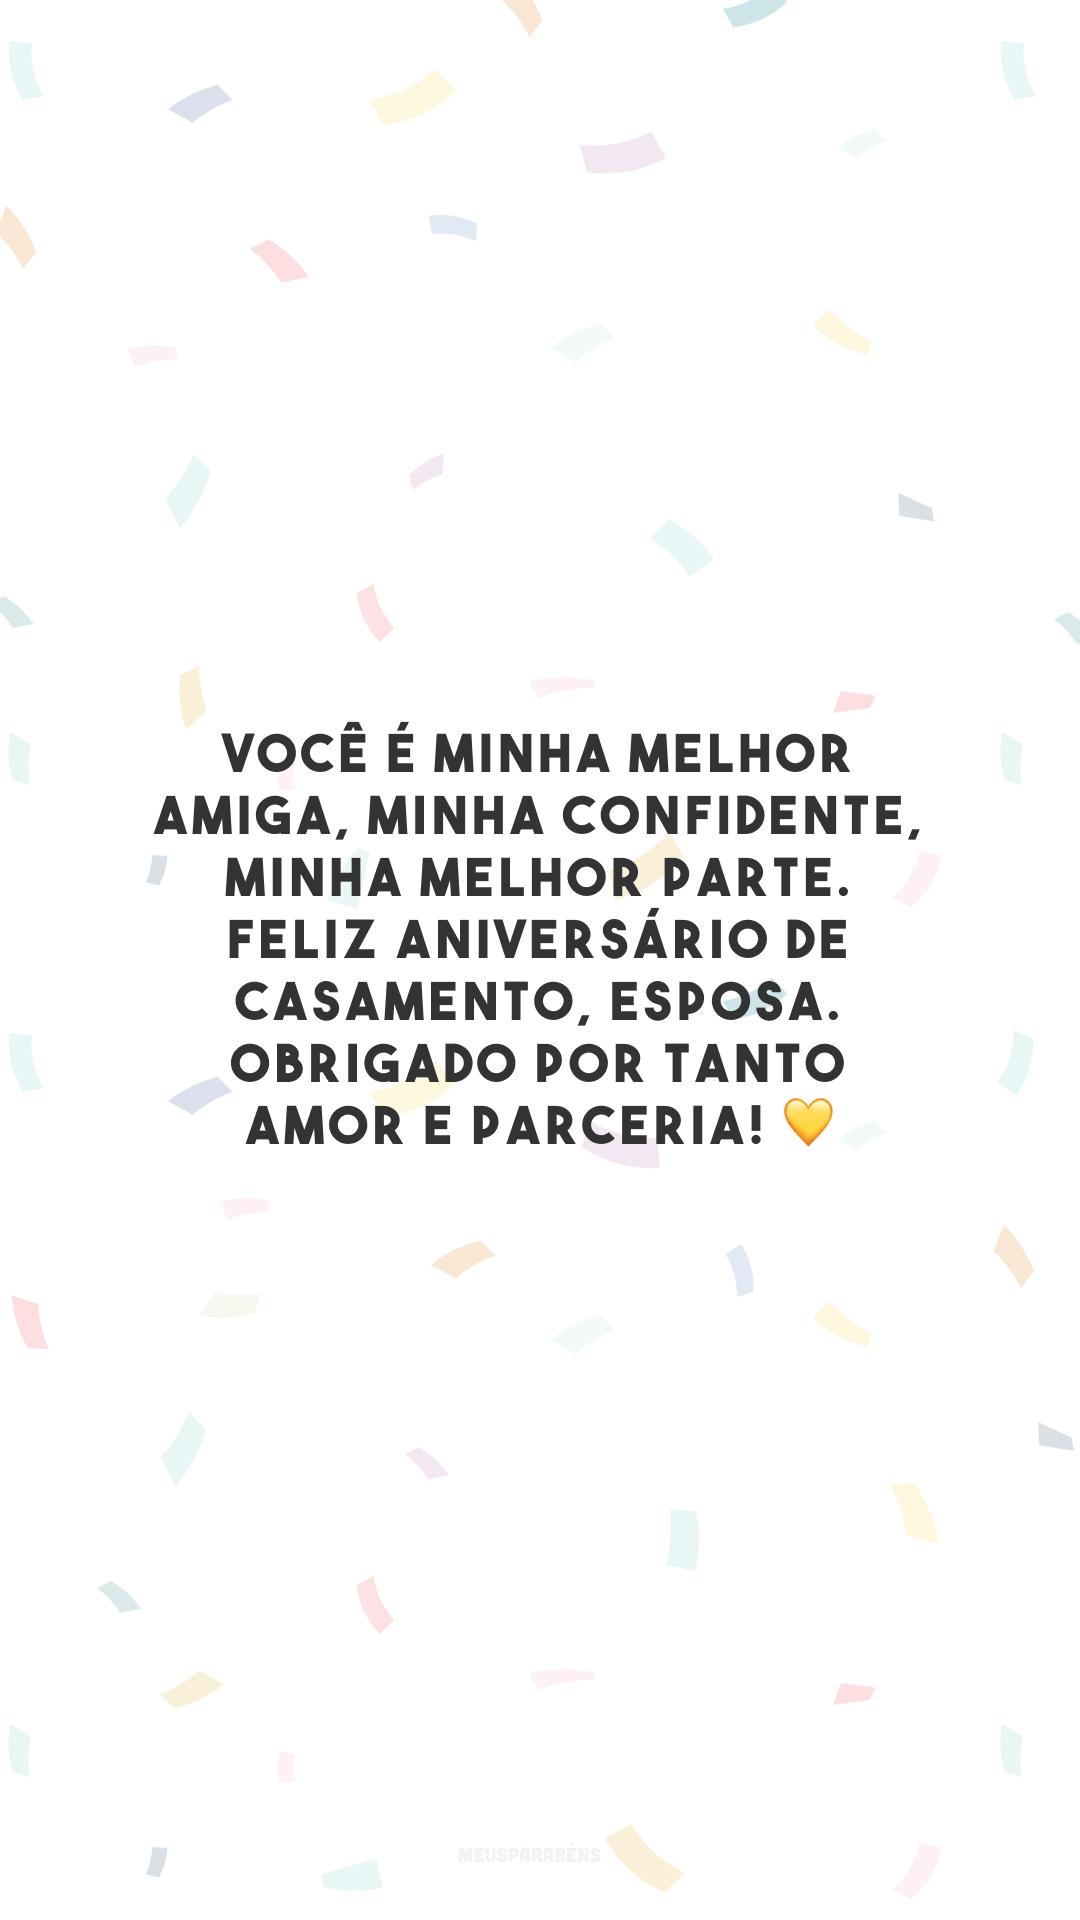 Você é minha melhor amiga, minha confidente, minha melhor parte. Feliz aniversário de casamento, esposa. Obrigado por tanto amor e parceria! 💛